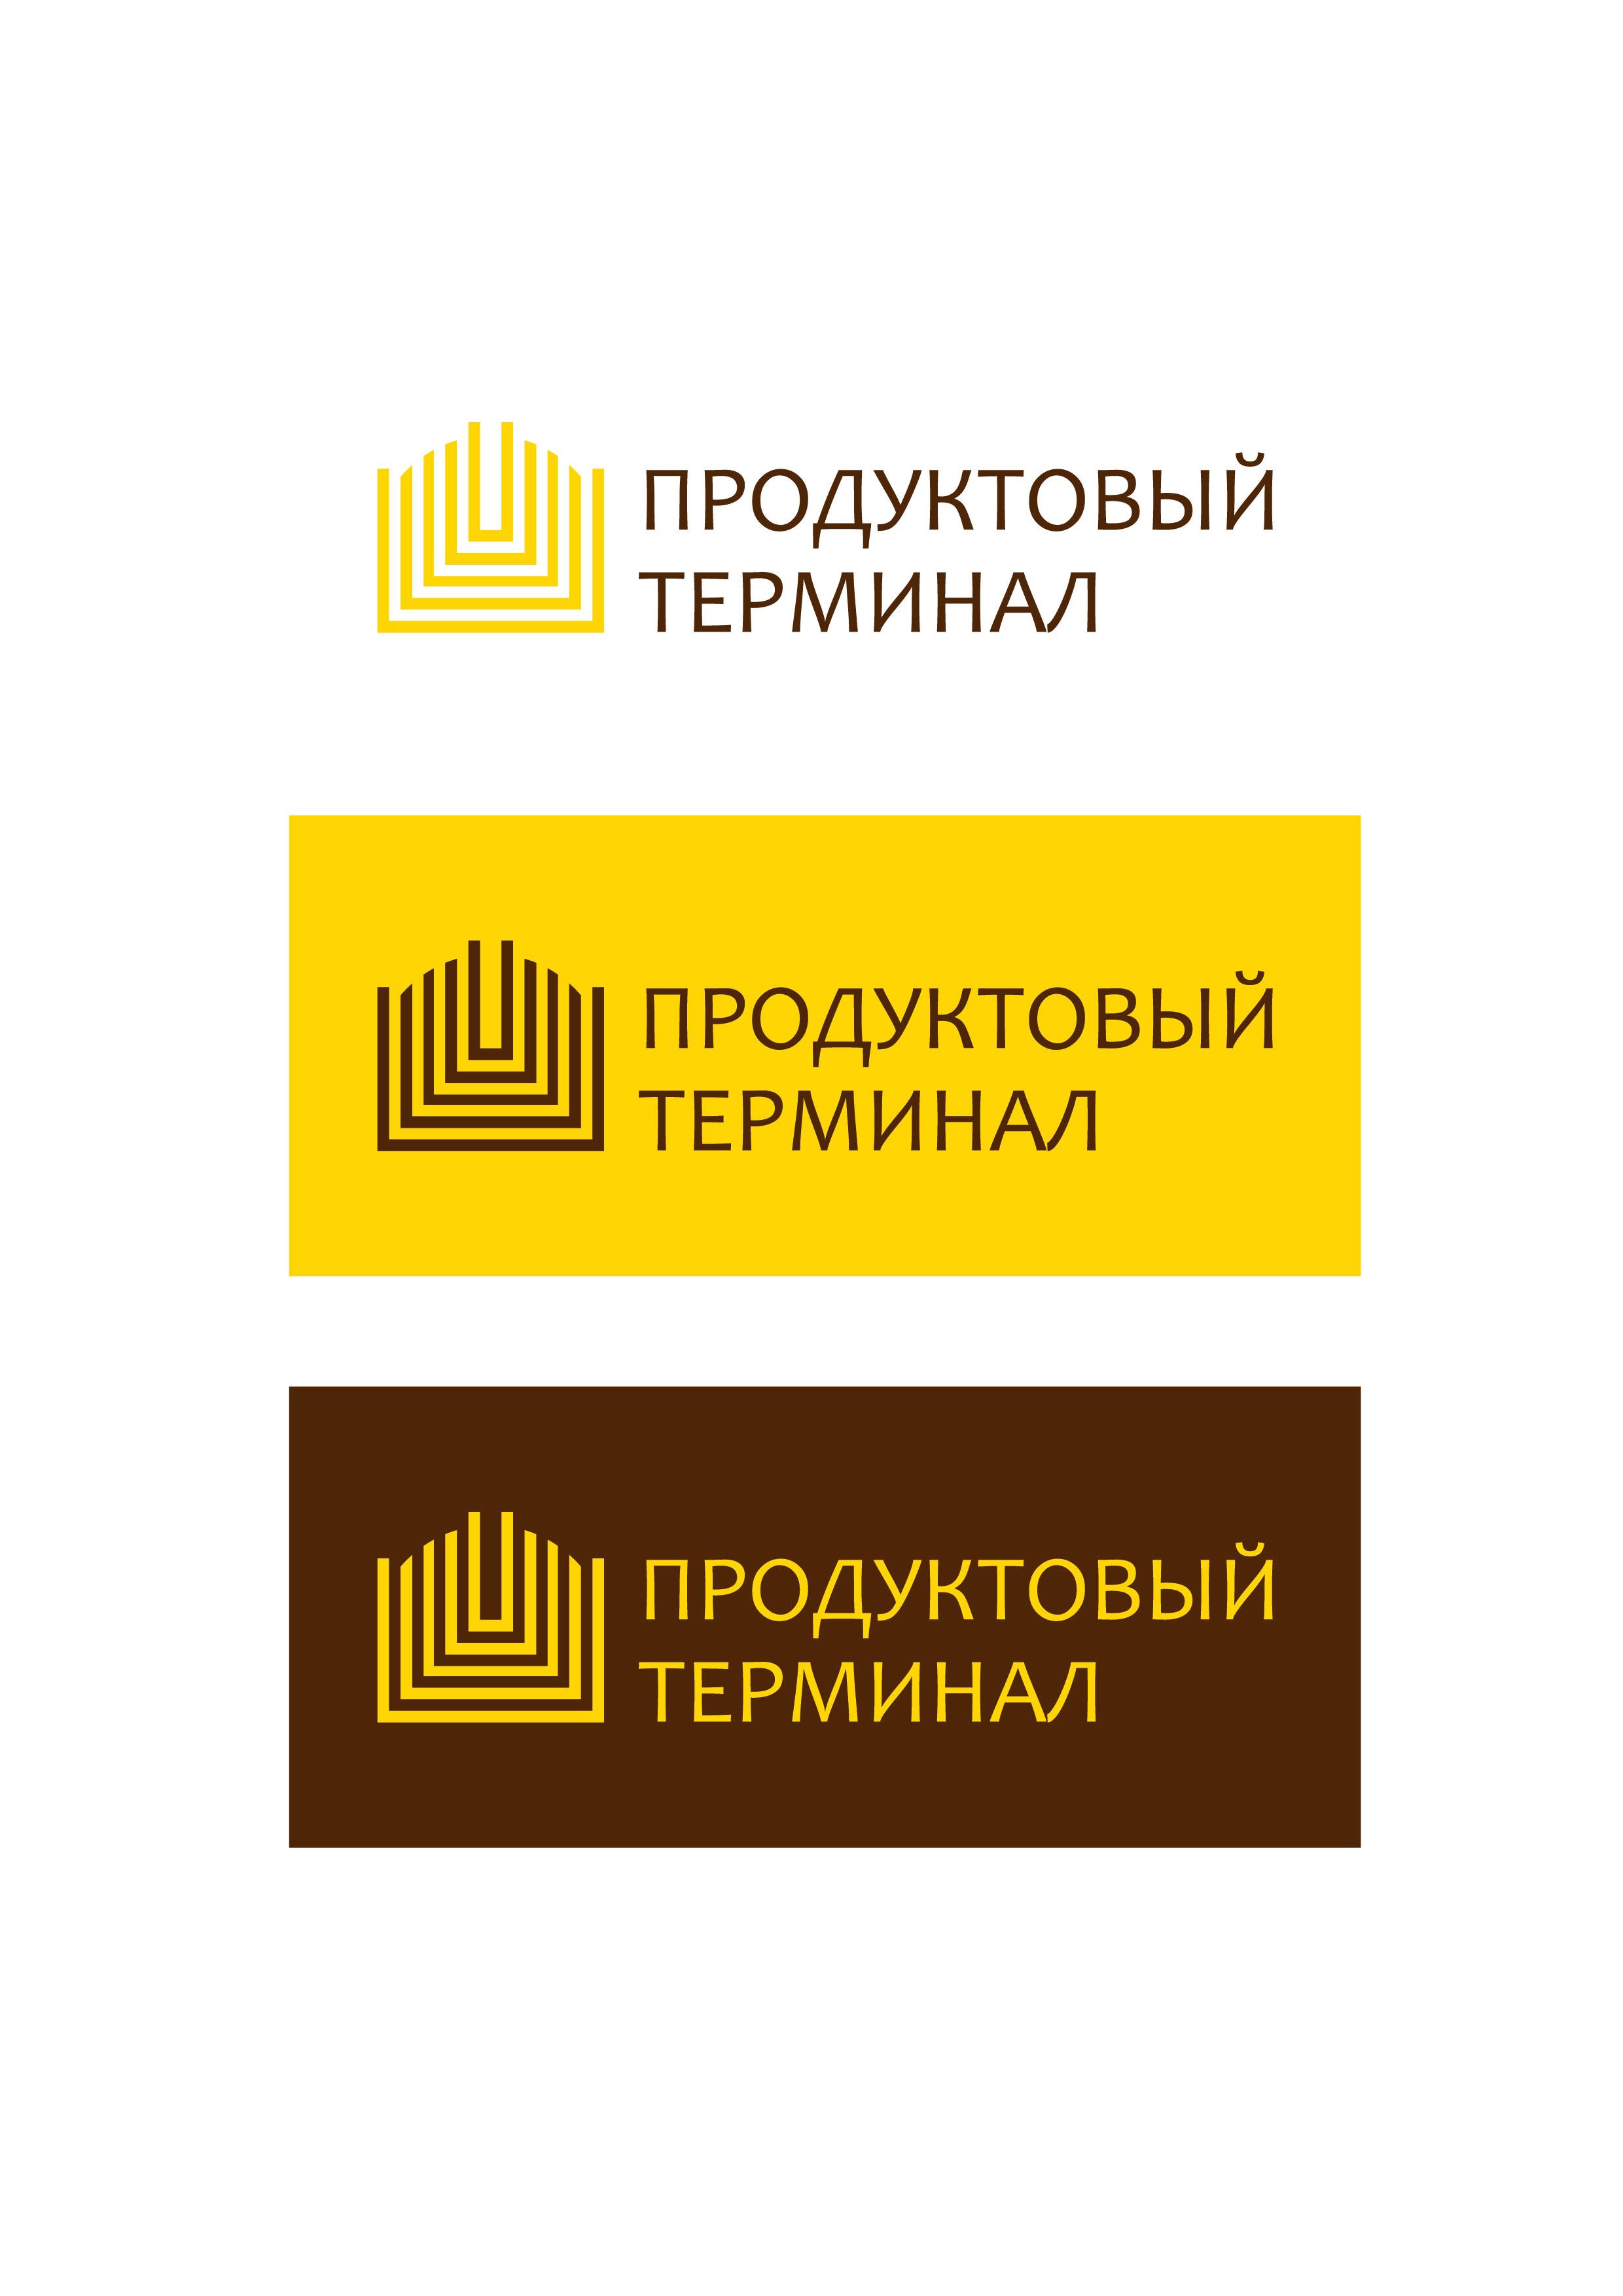 Логотип для сети продуктовых магазинов фото f_89956fa7640acd88.jpg